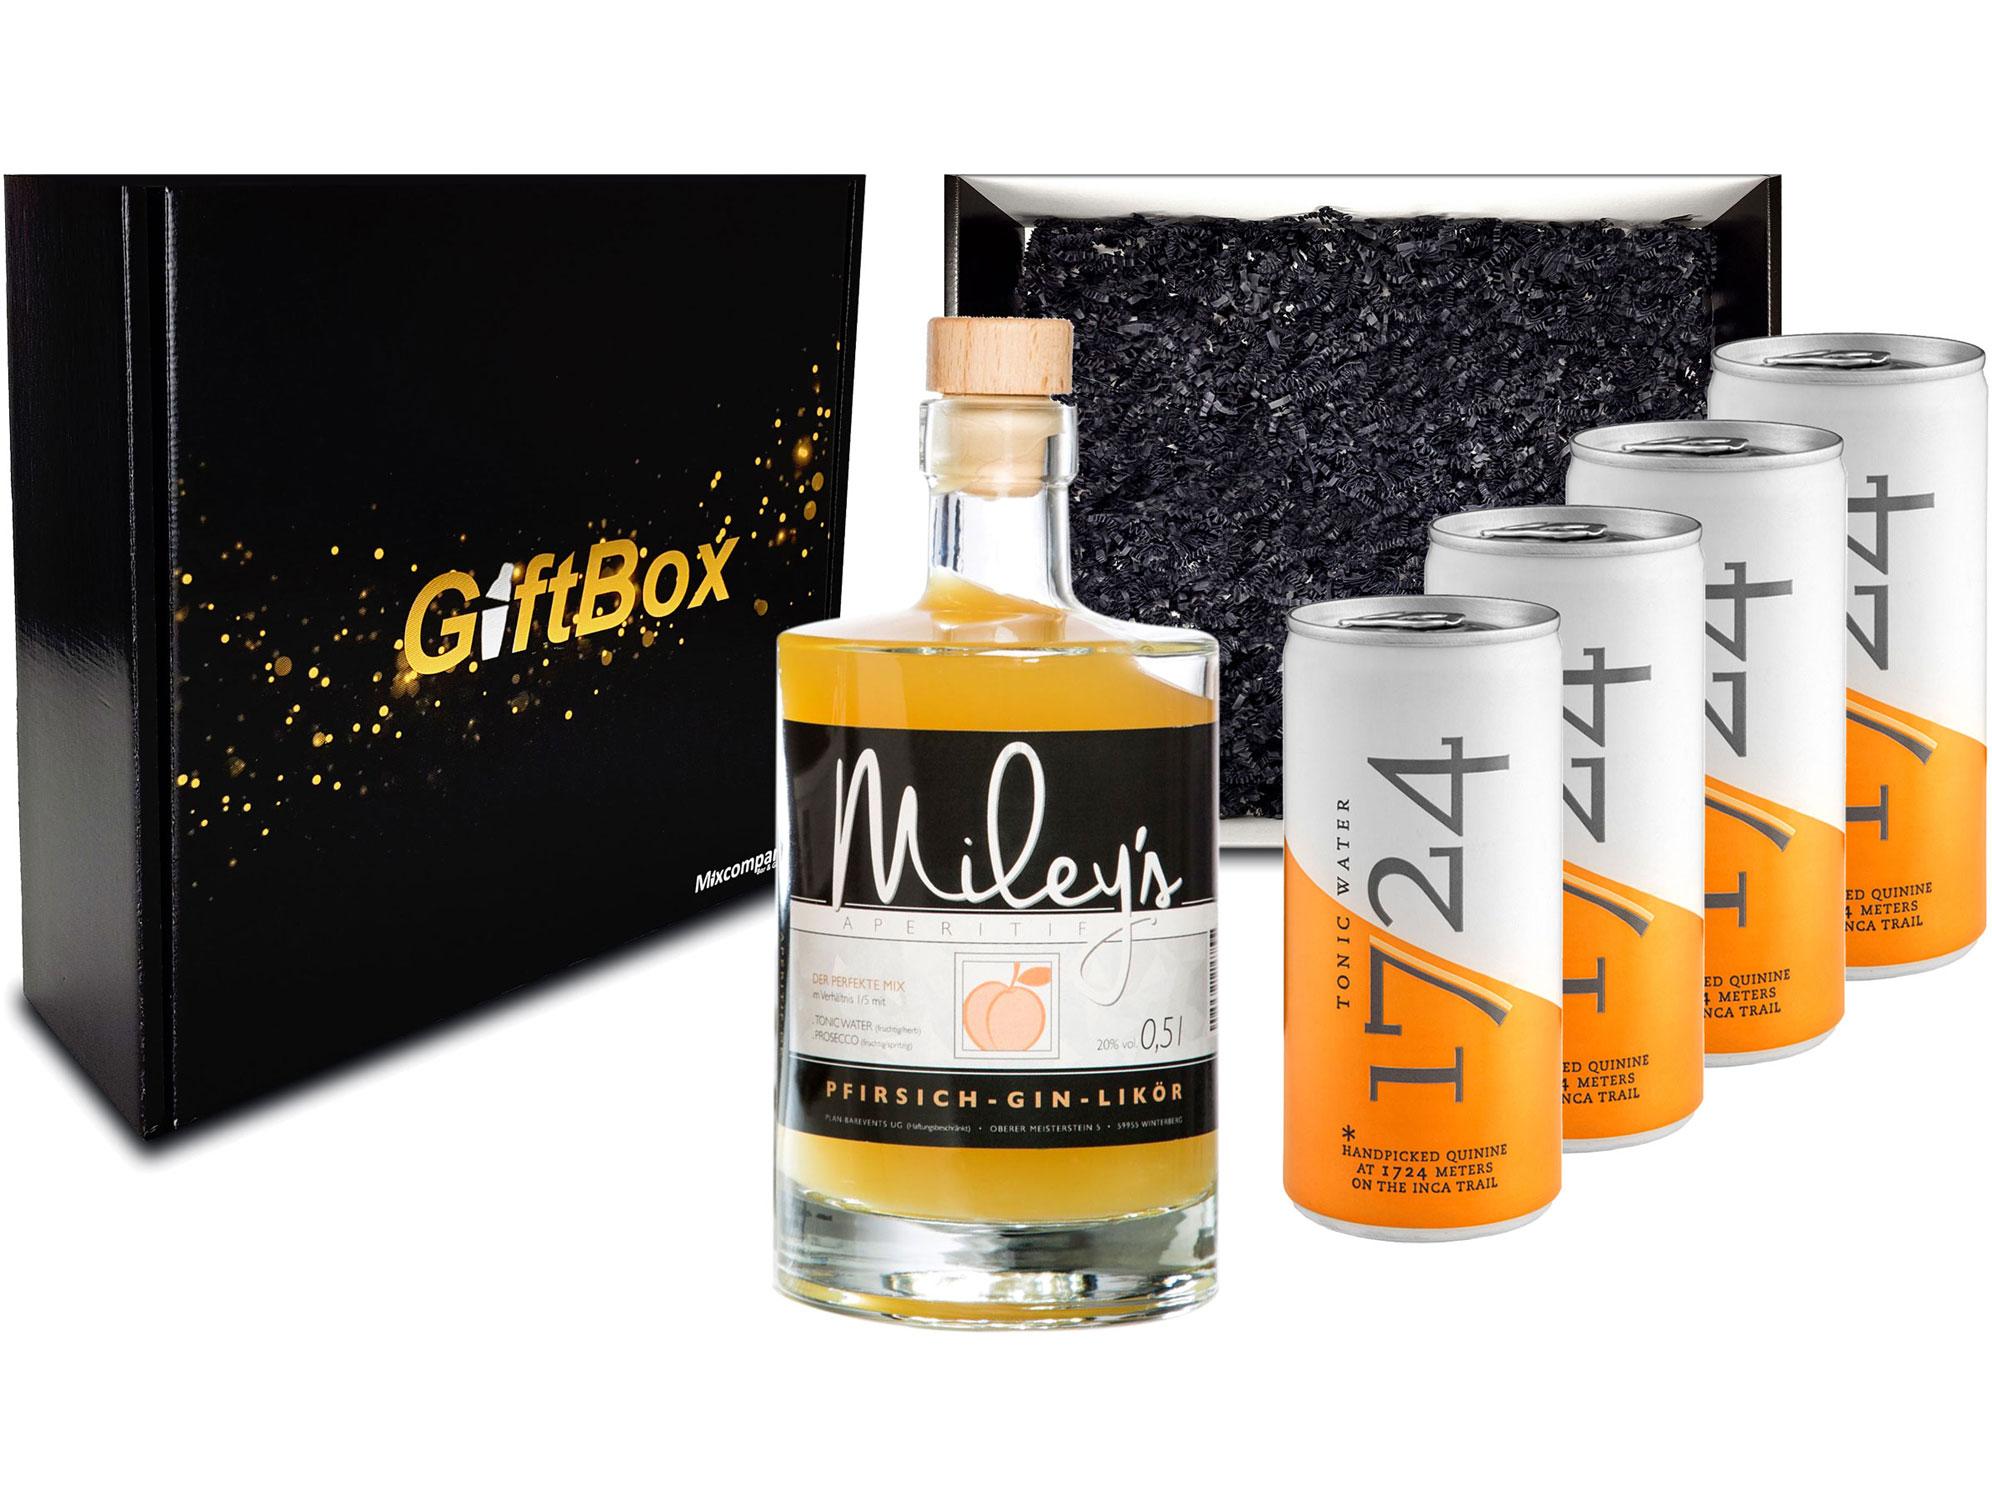 Gin Tonic Giftbox Geschenkset - Mileys Pfirsich Gin Likör 0,5l (20% Vol) + 4x 1724 Tonic Water Dose 200ml inkl. Pfand EINWEG - [Enthält Sulfite]